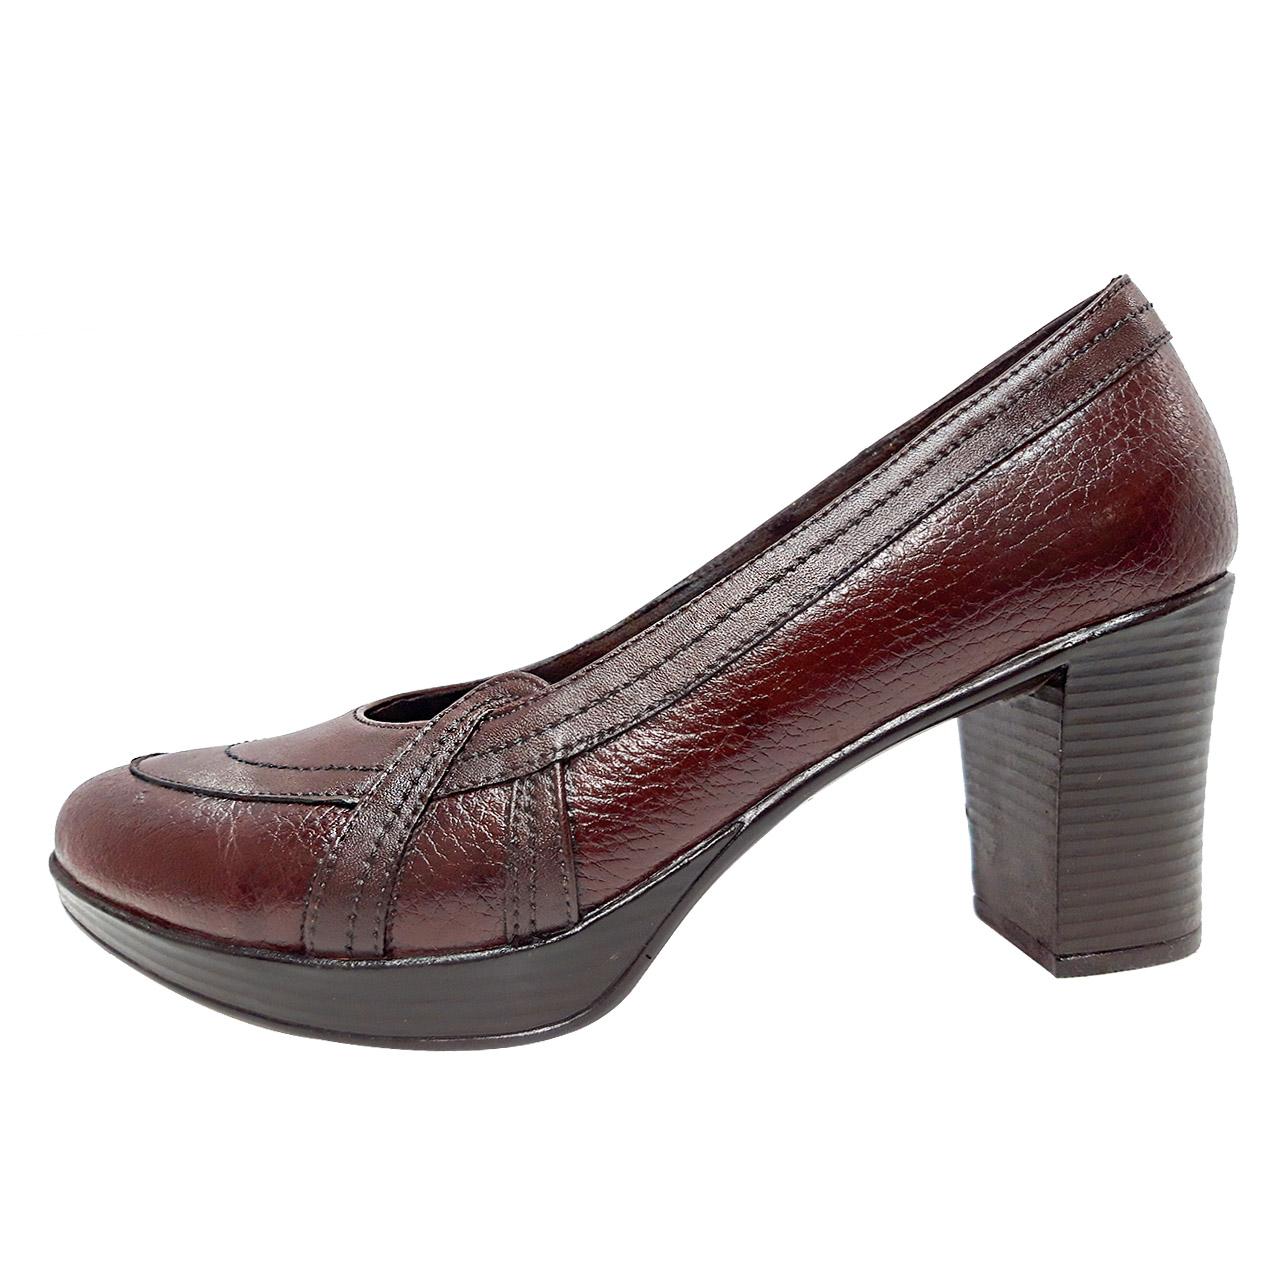 کفش زنانه روشن کد 22-7060              (قیمت و عکس)